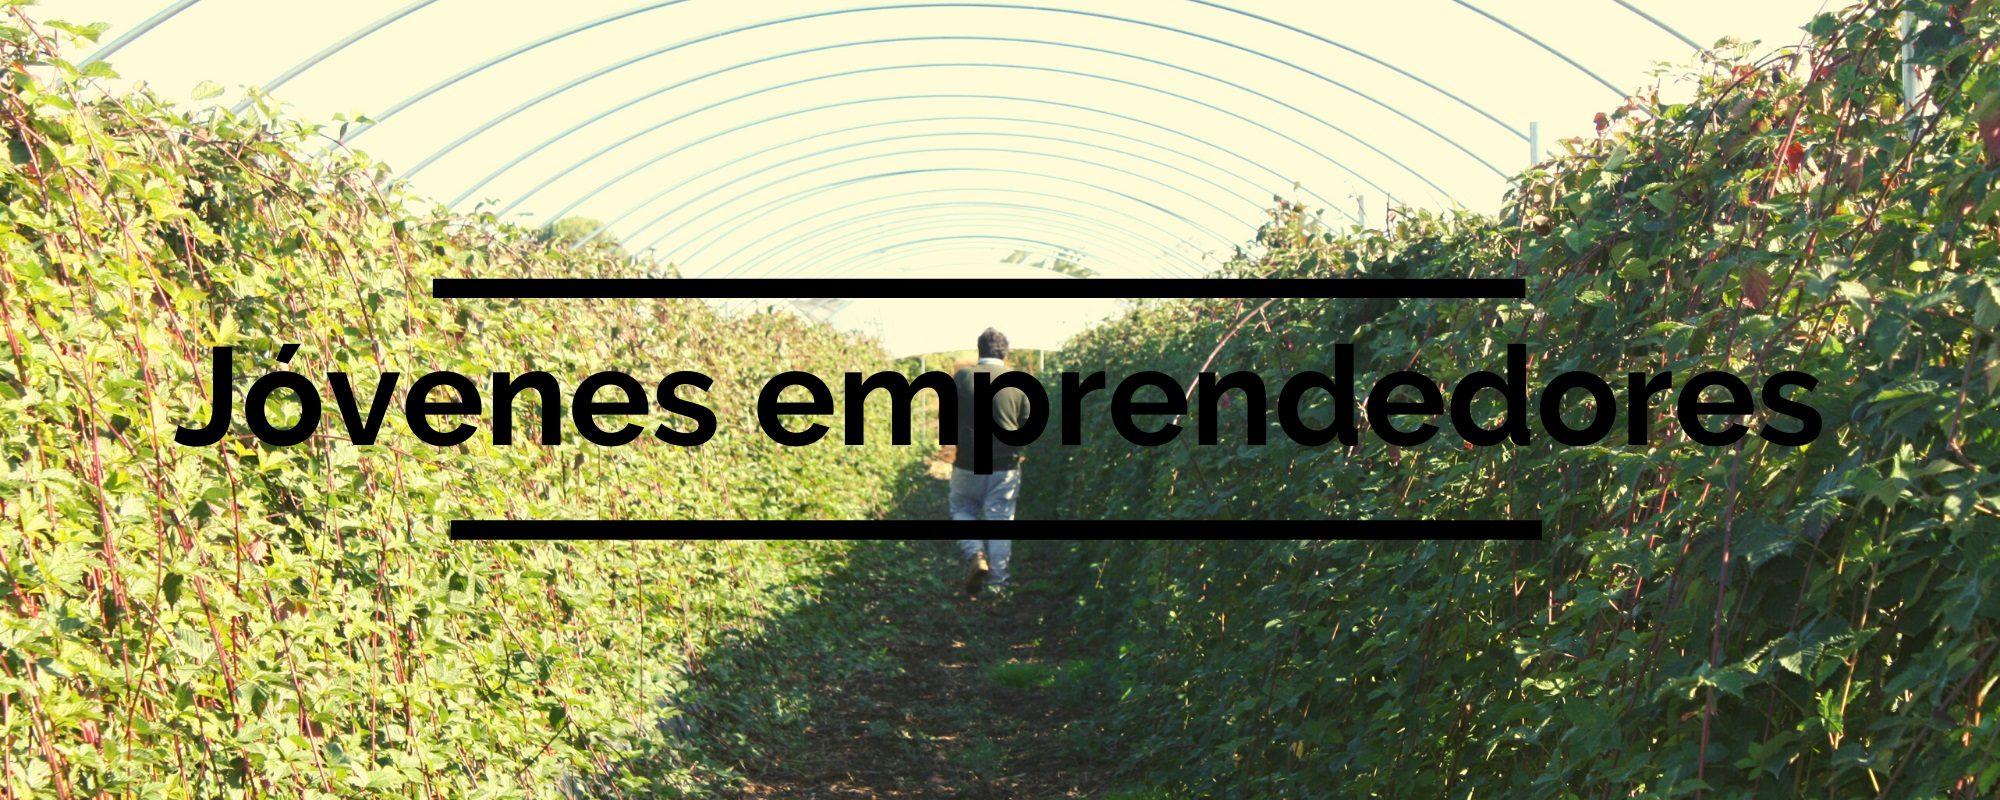 agroecologica-el-origen-jovenes-emprendedores-01